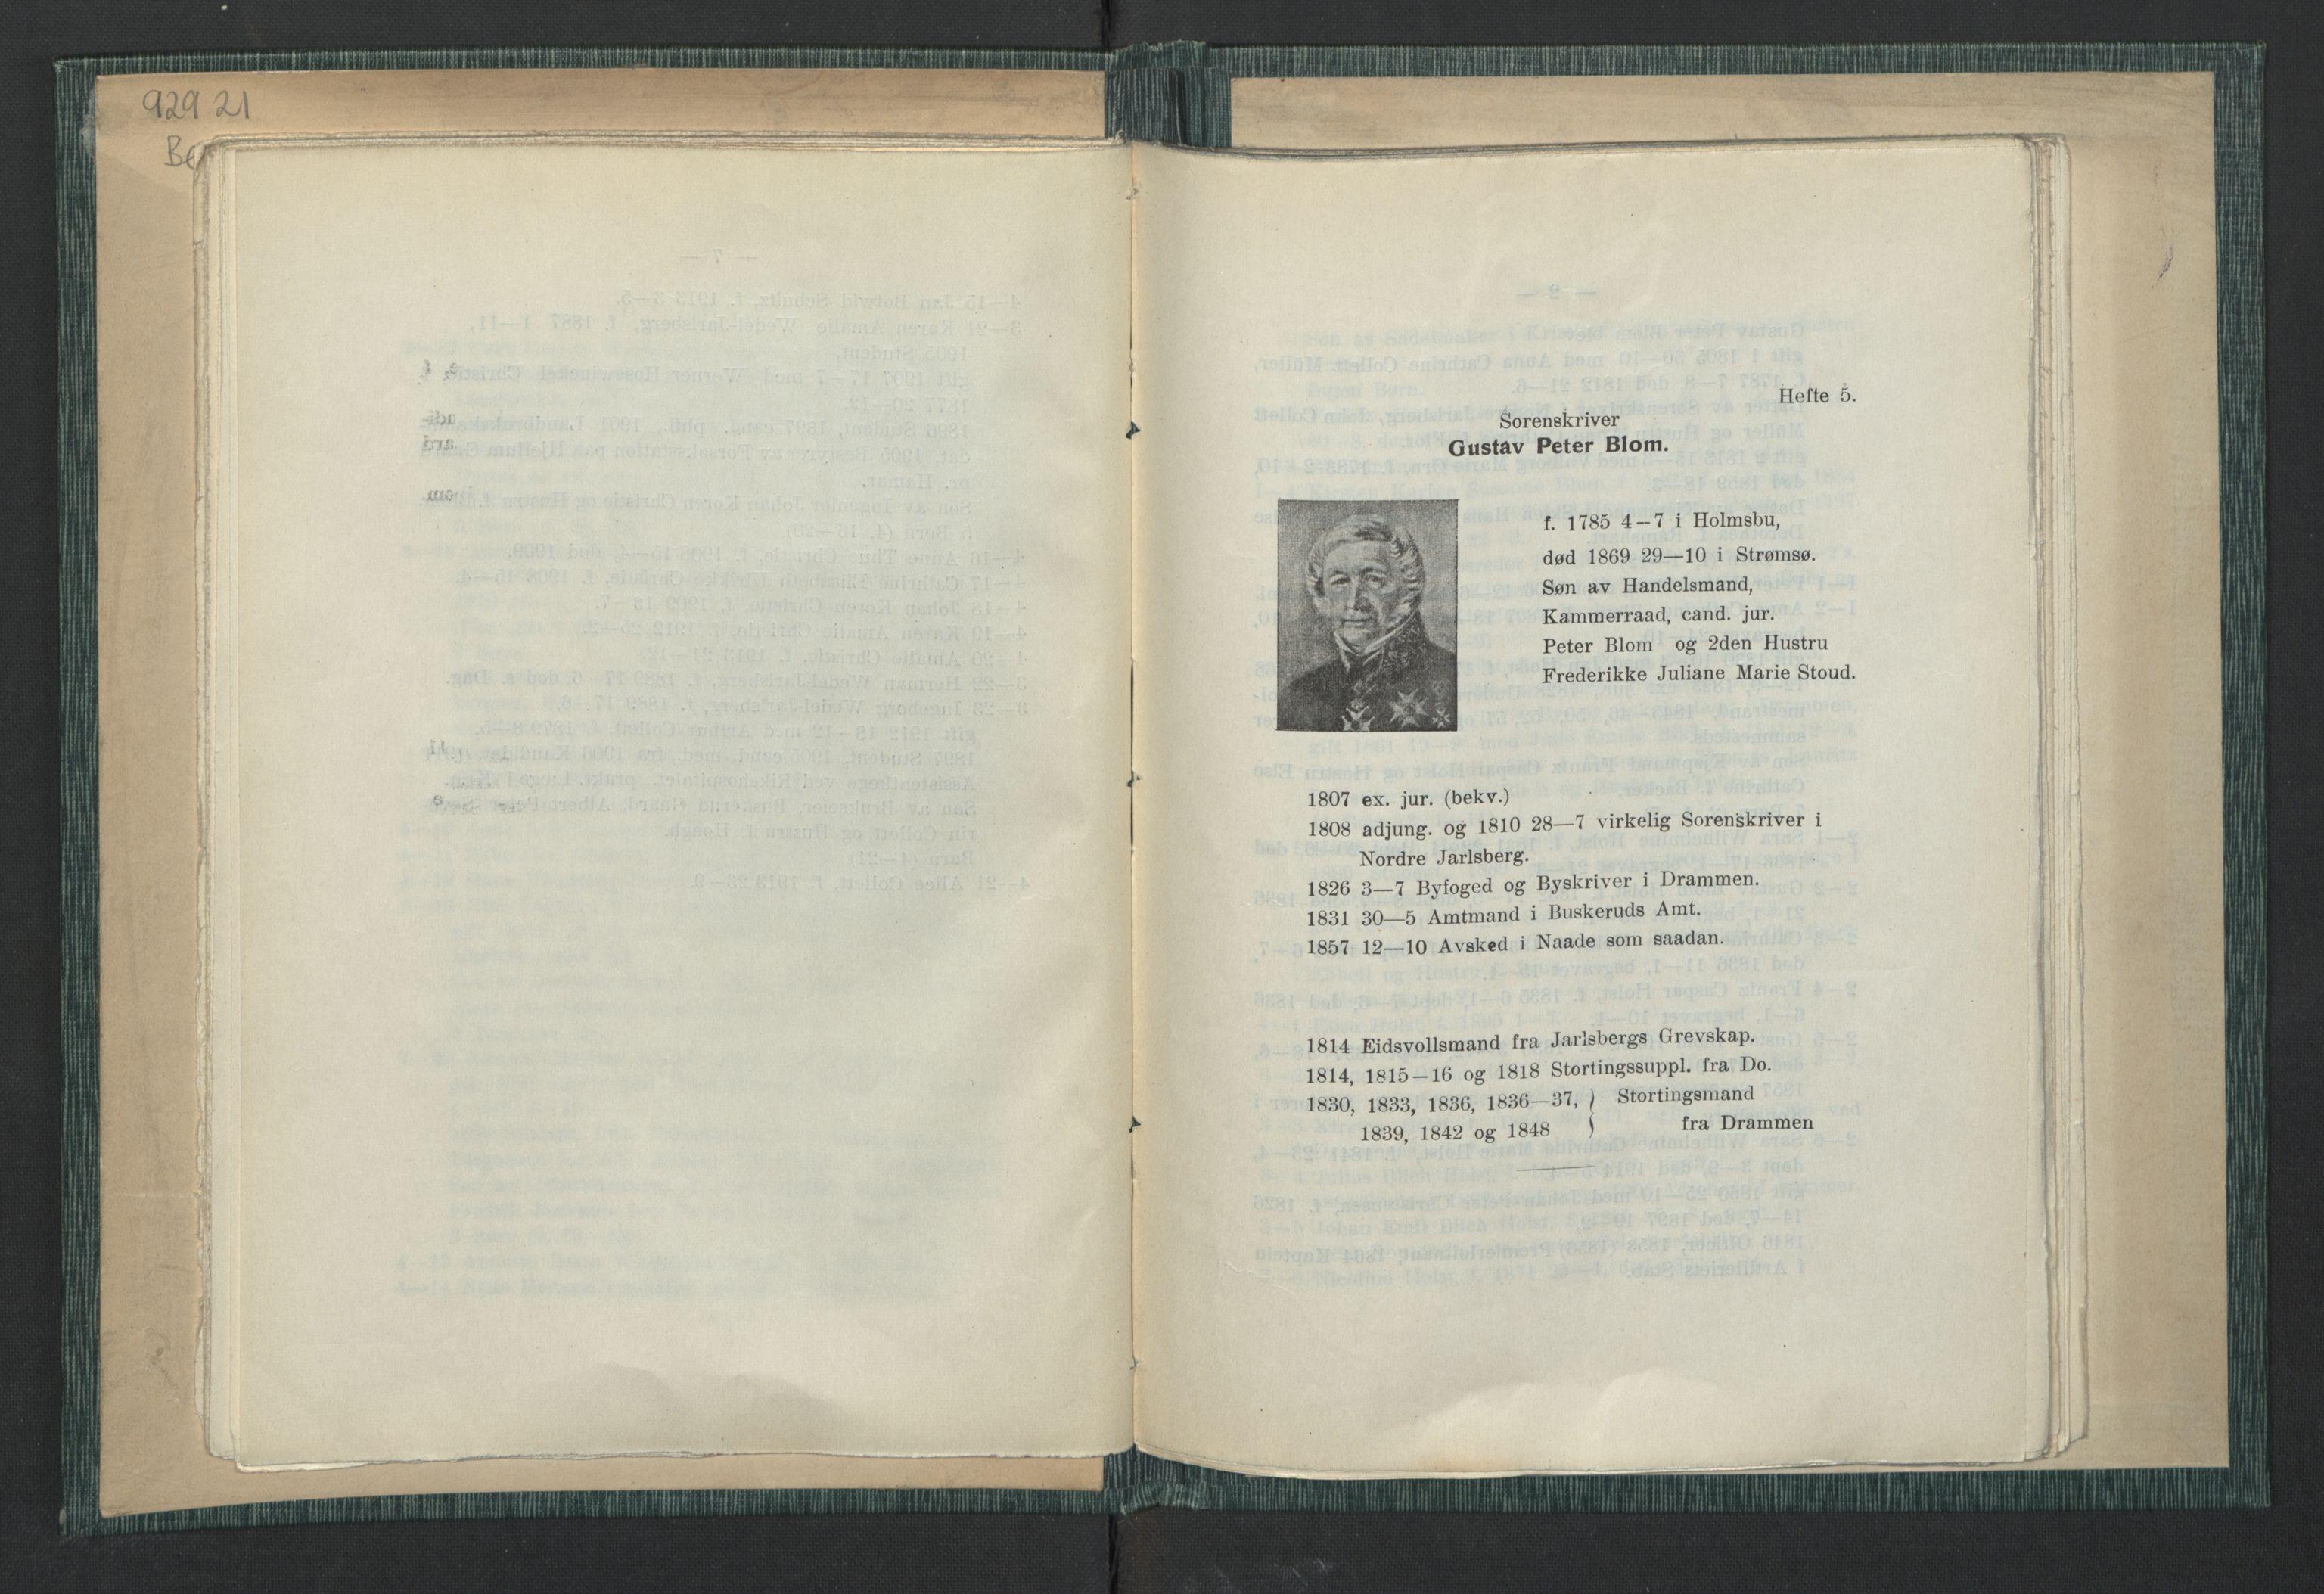 RA, Publikasjoner*, 1914, s. 21